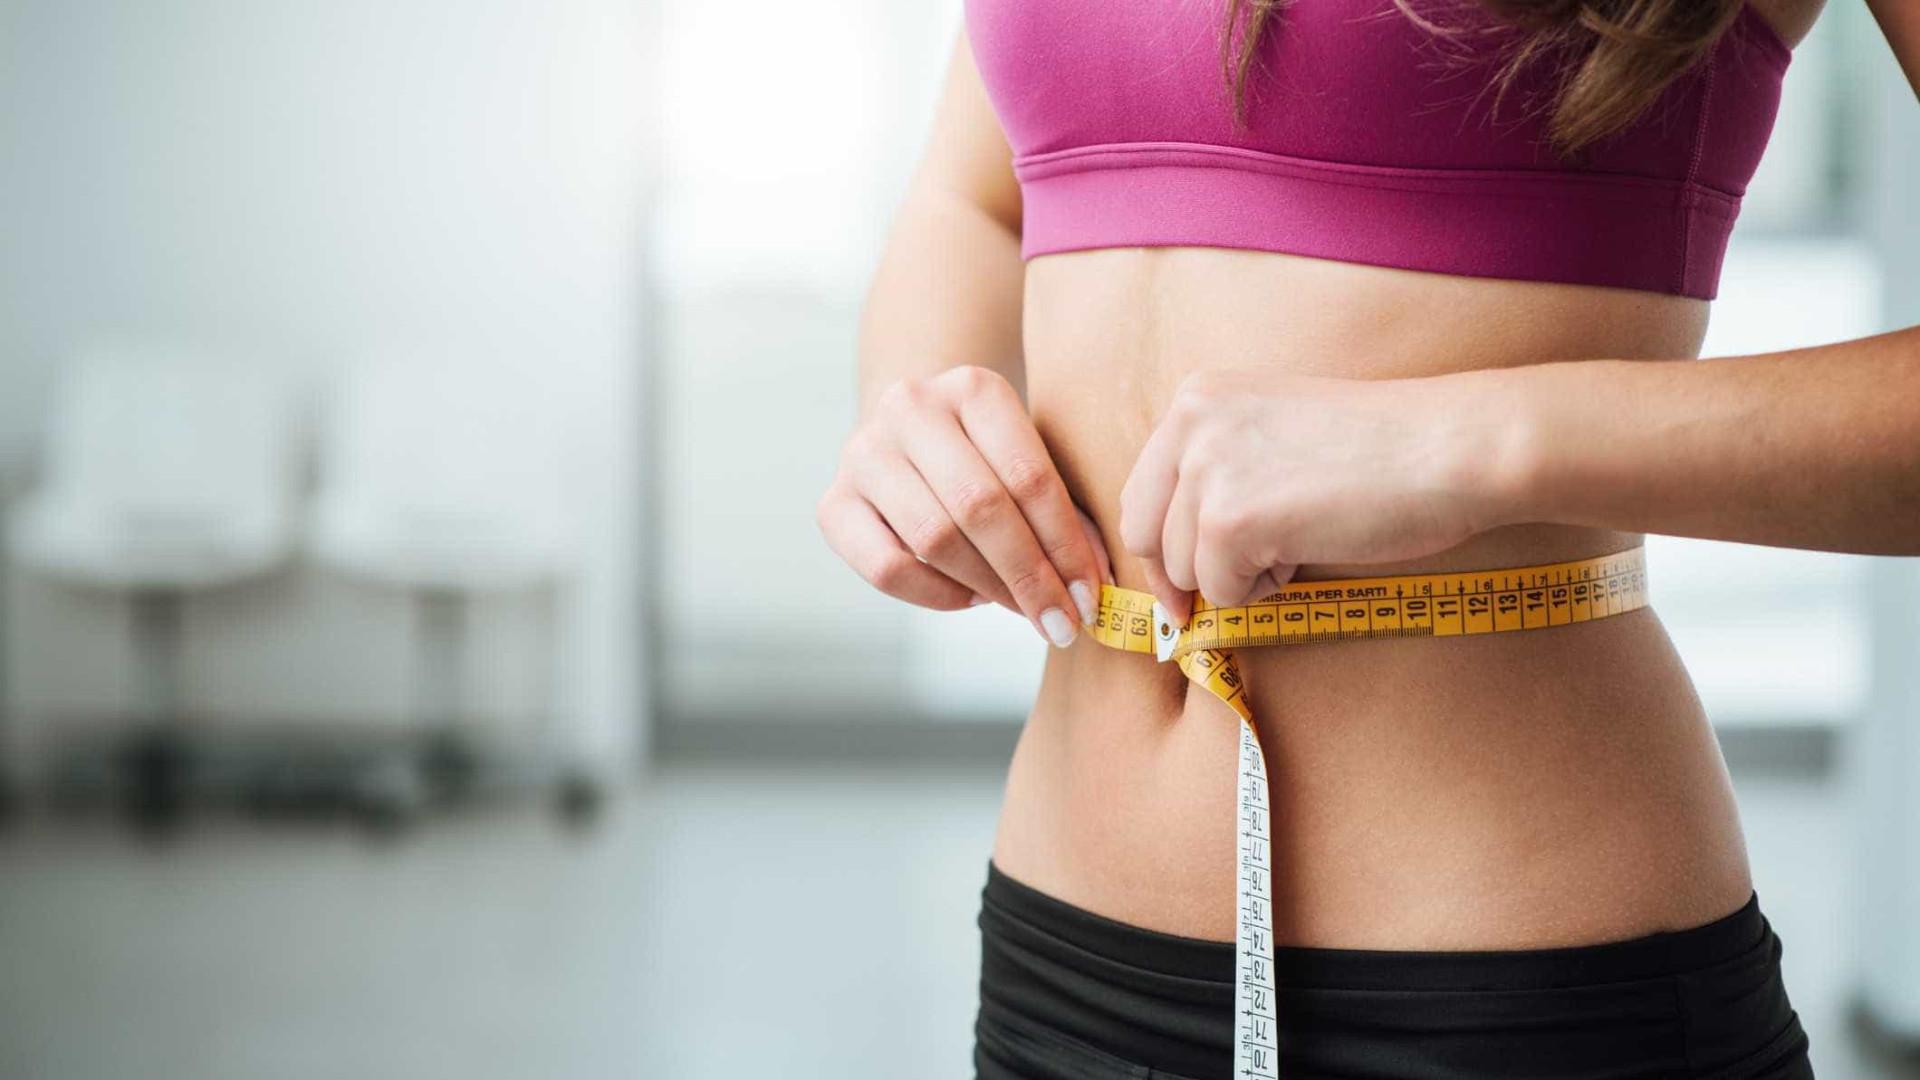 Sem 'pneuzinhos' e com mais saúde: eis os truques para uma barriga lisa